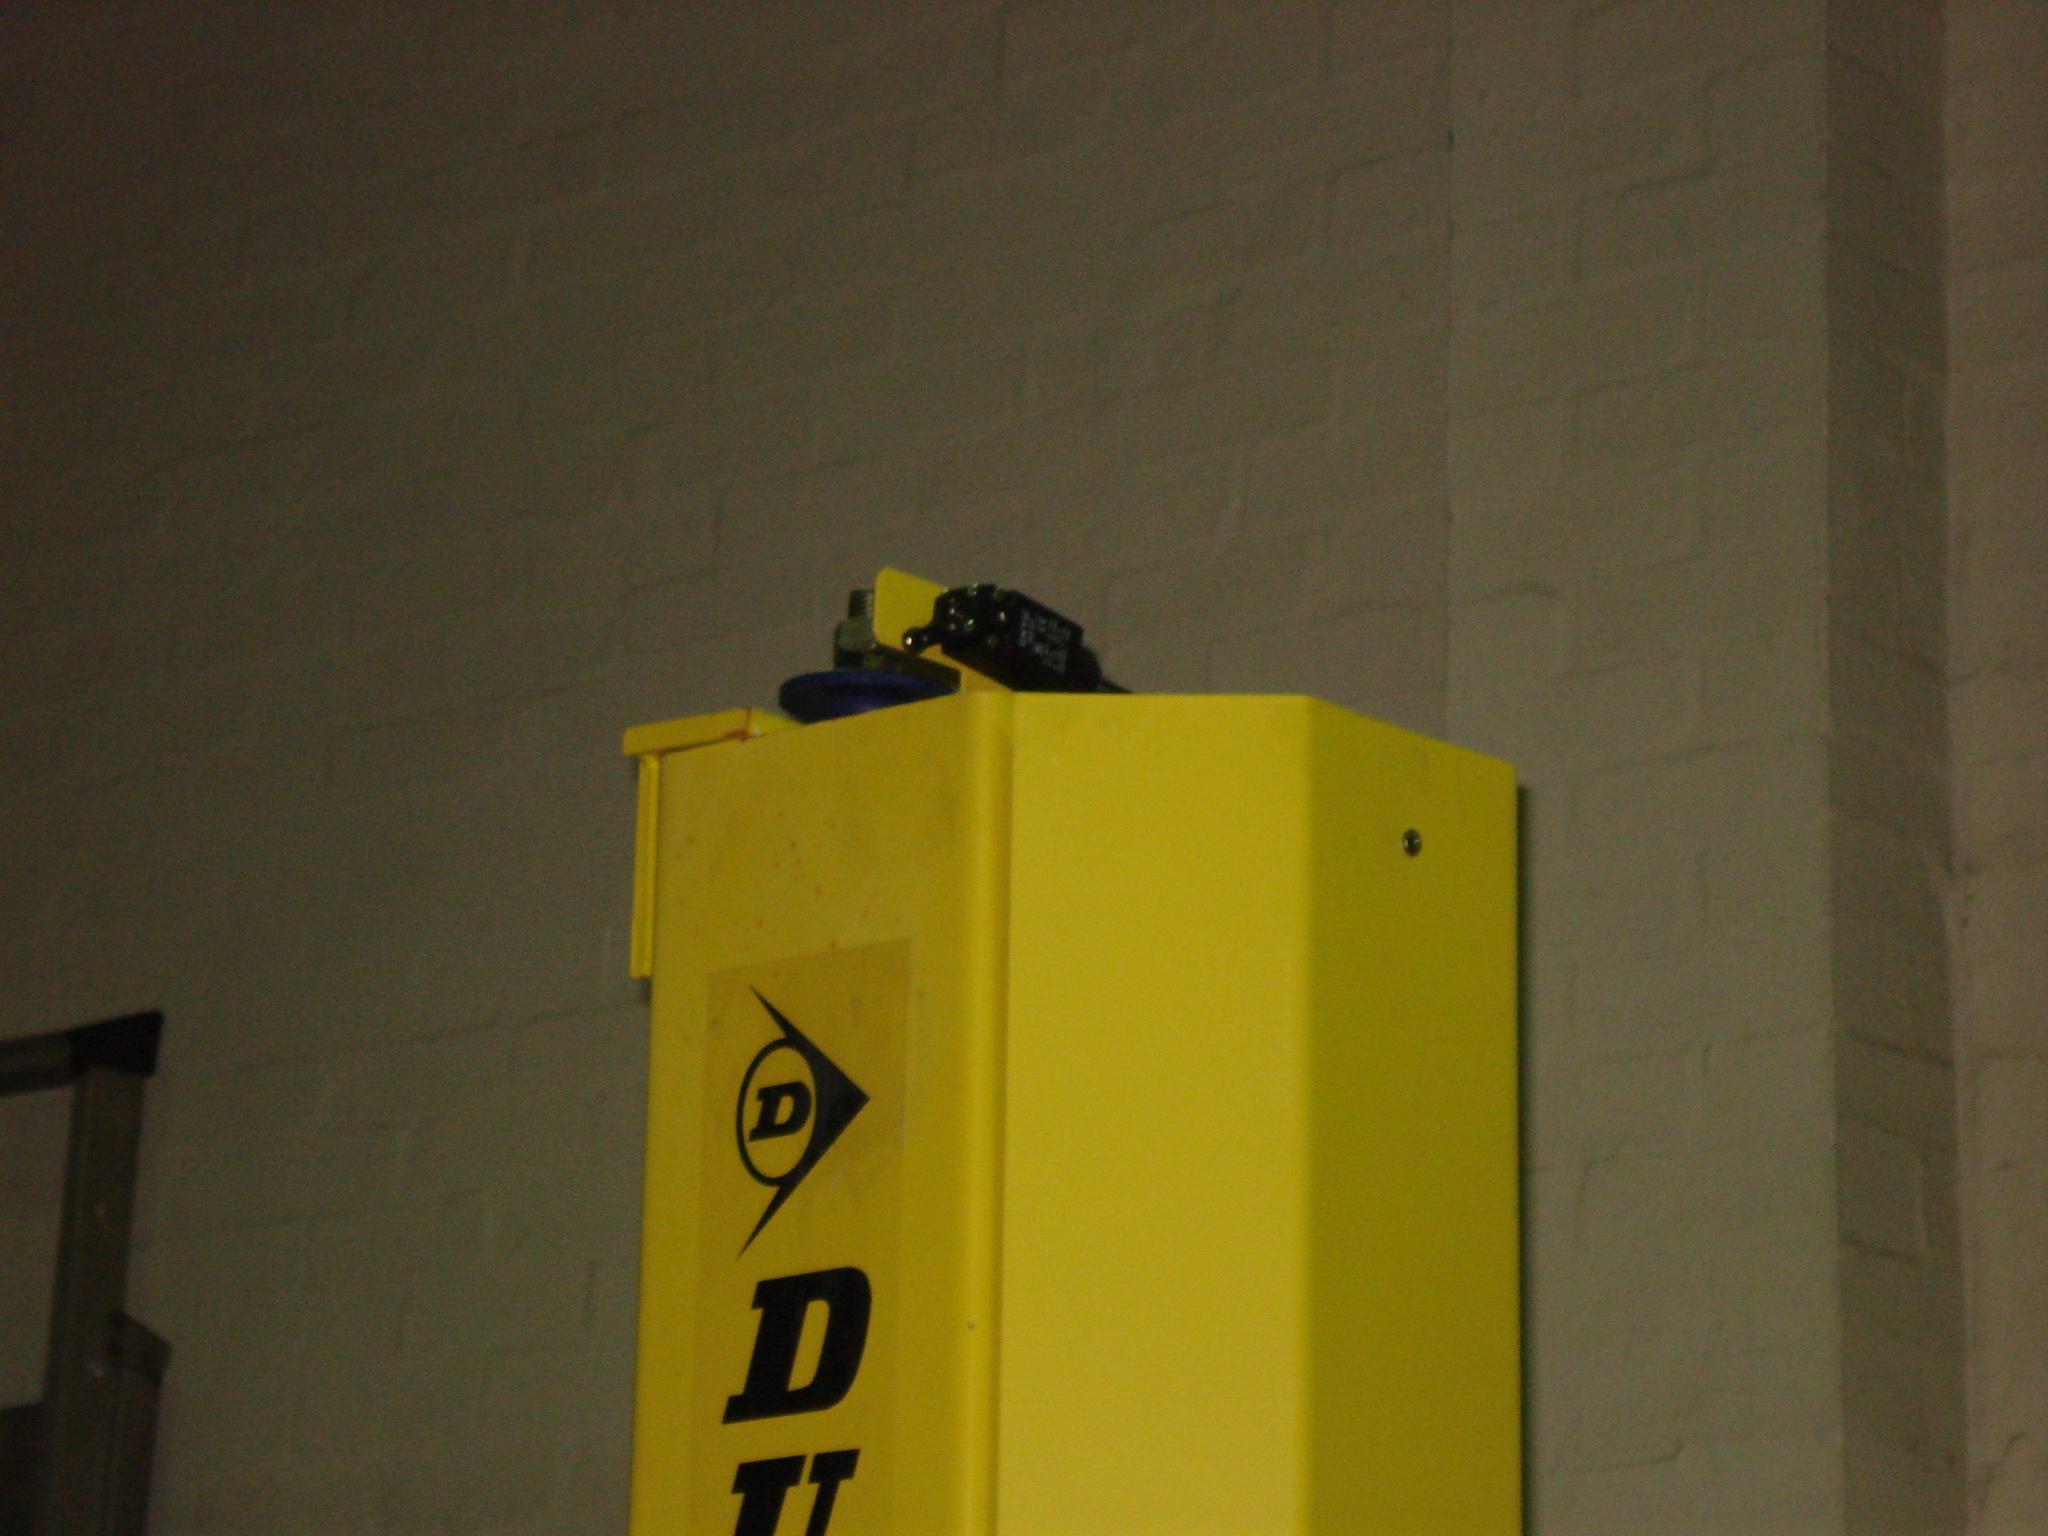 Подъемник автомобильный гидравлический с нижней связью 4т DL45